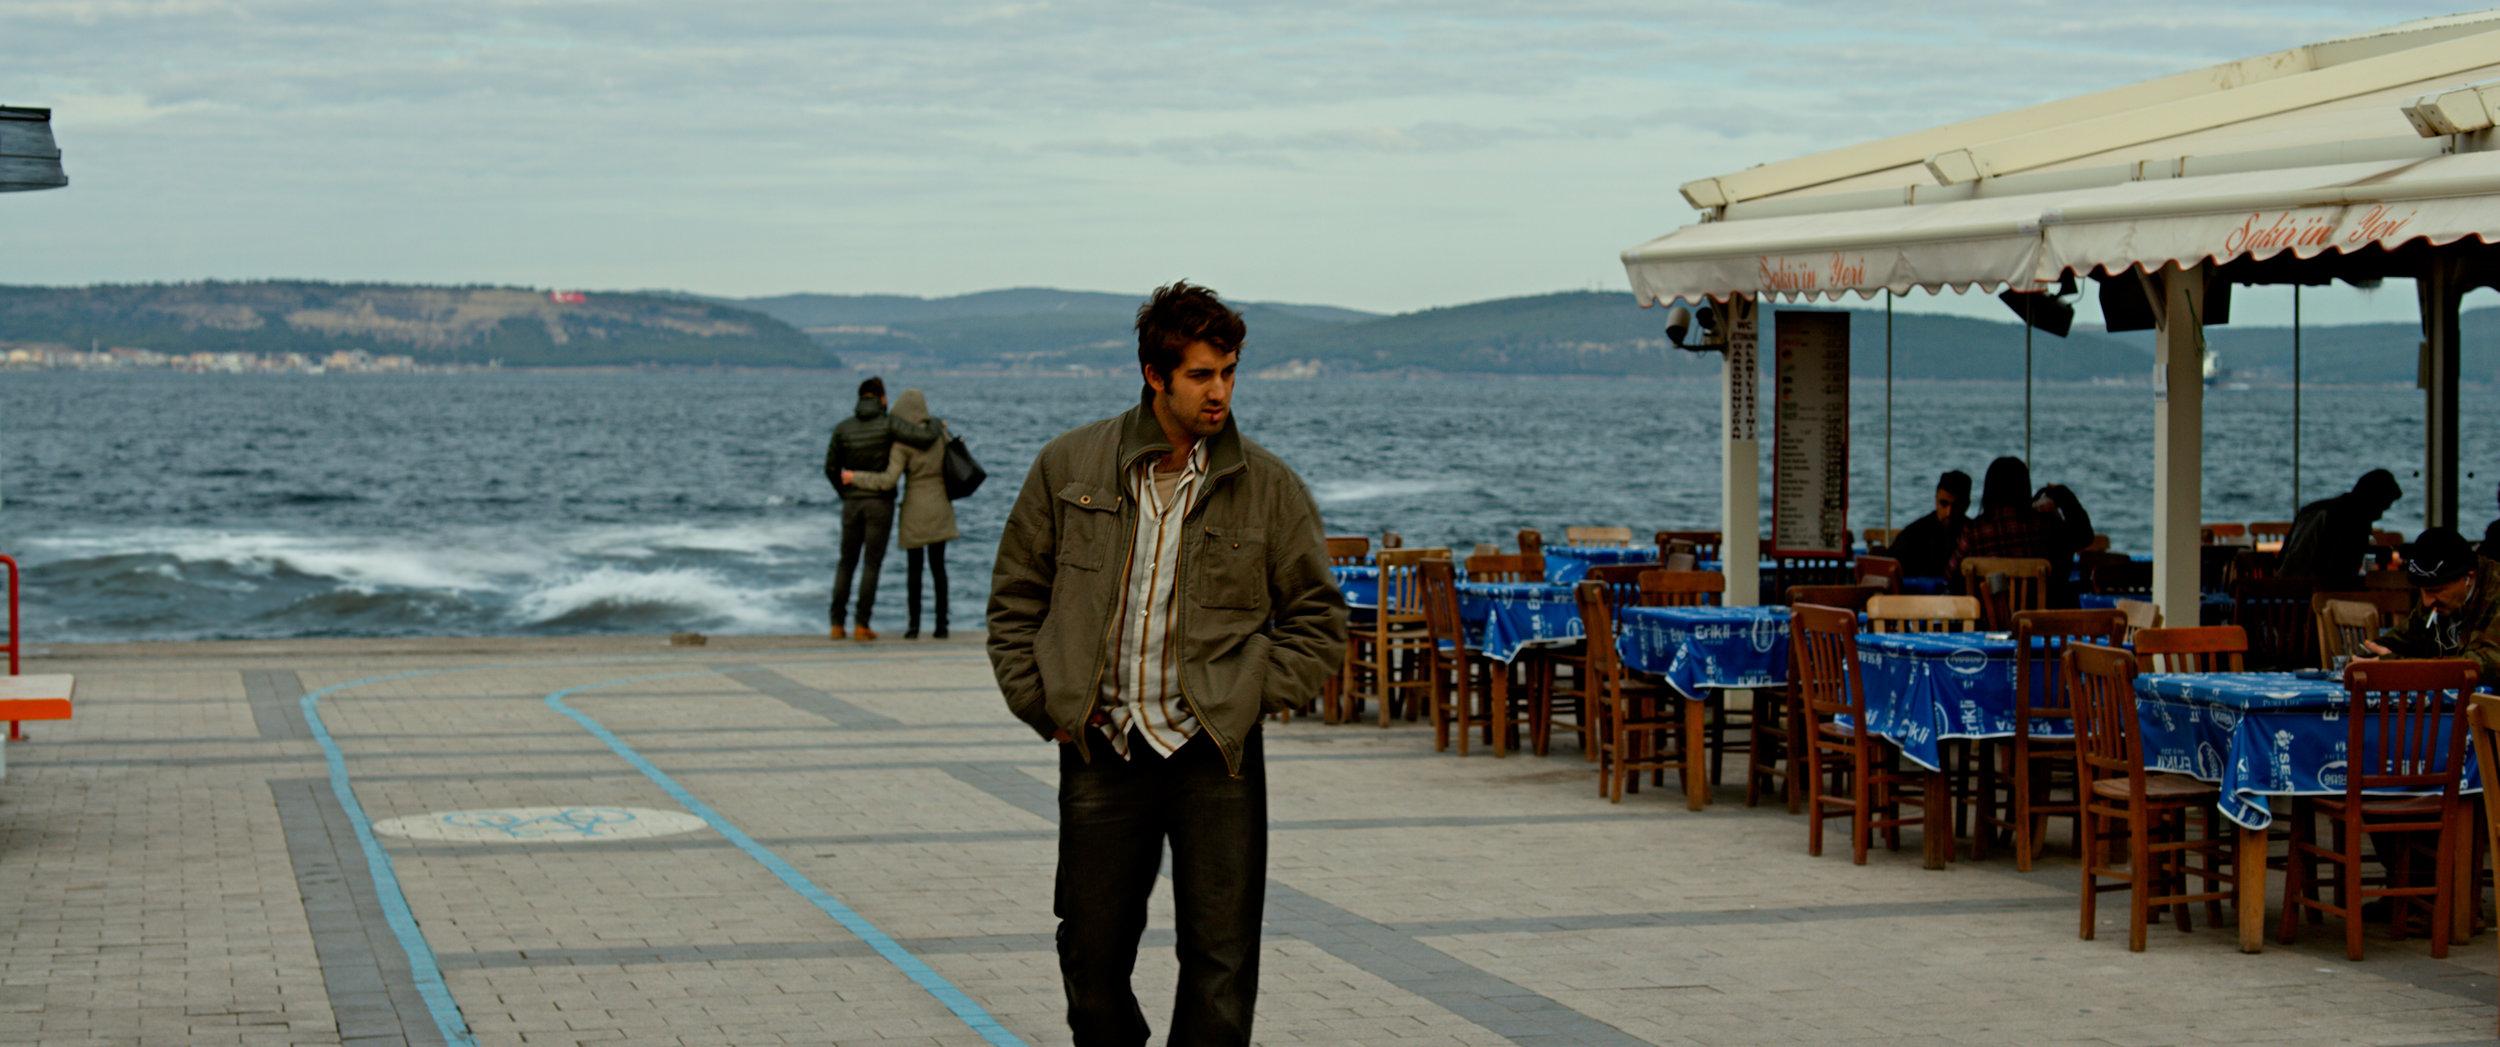 Sinan (Dogu Demirkol) vil bli forfatter. Nå har han vendt tilbake til hjembyen Çanakkale for å få støtte og anerkjennelse.